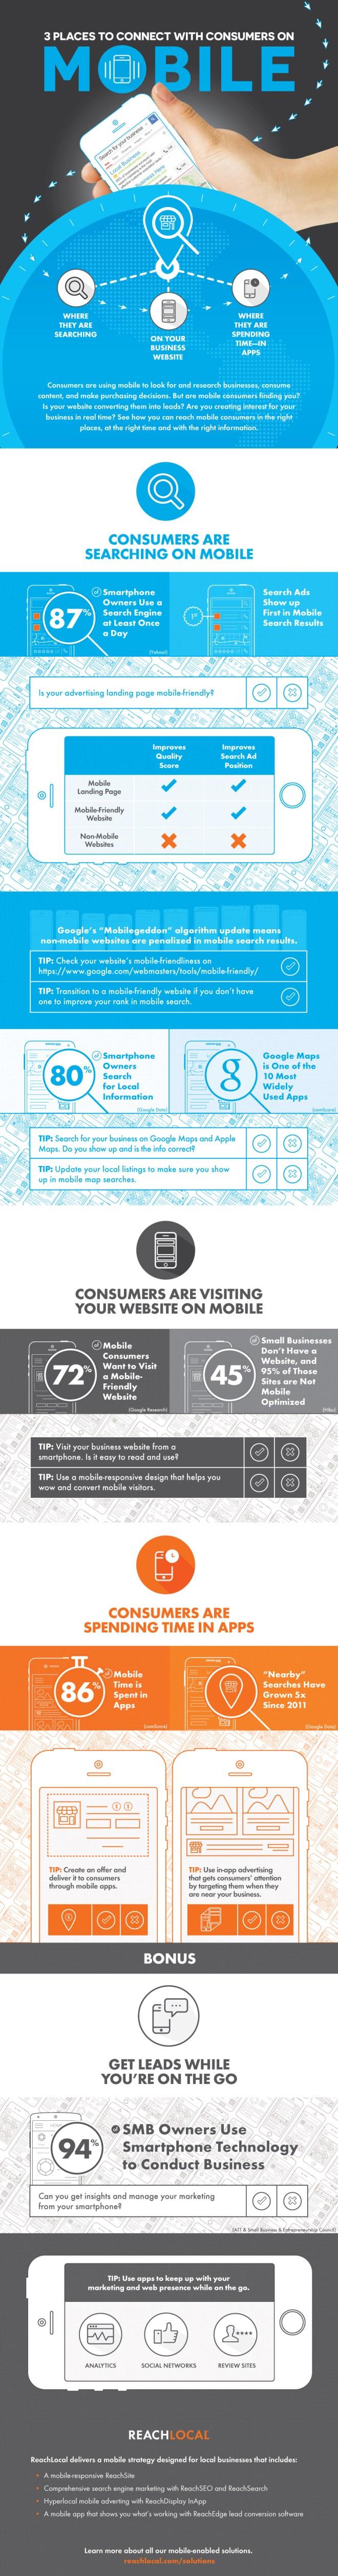 3 formas de conectar con los consumidores móviles